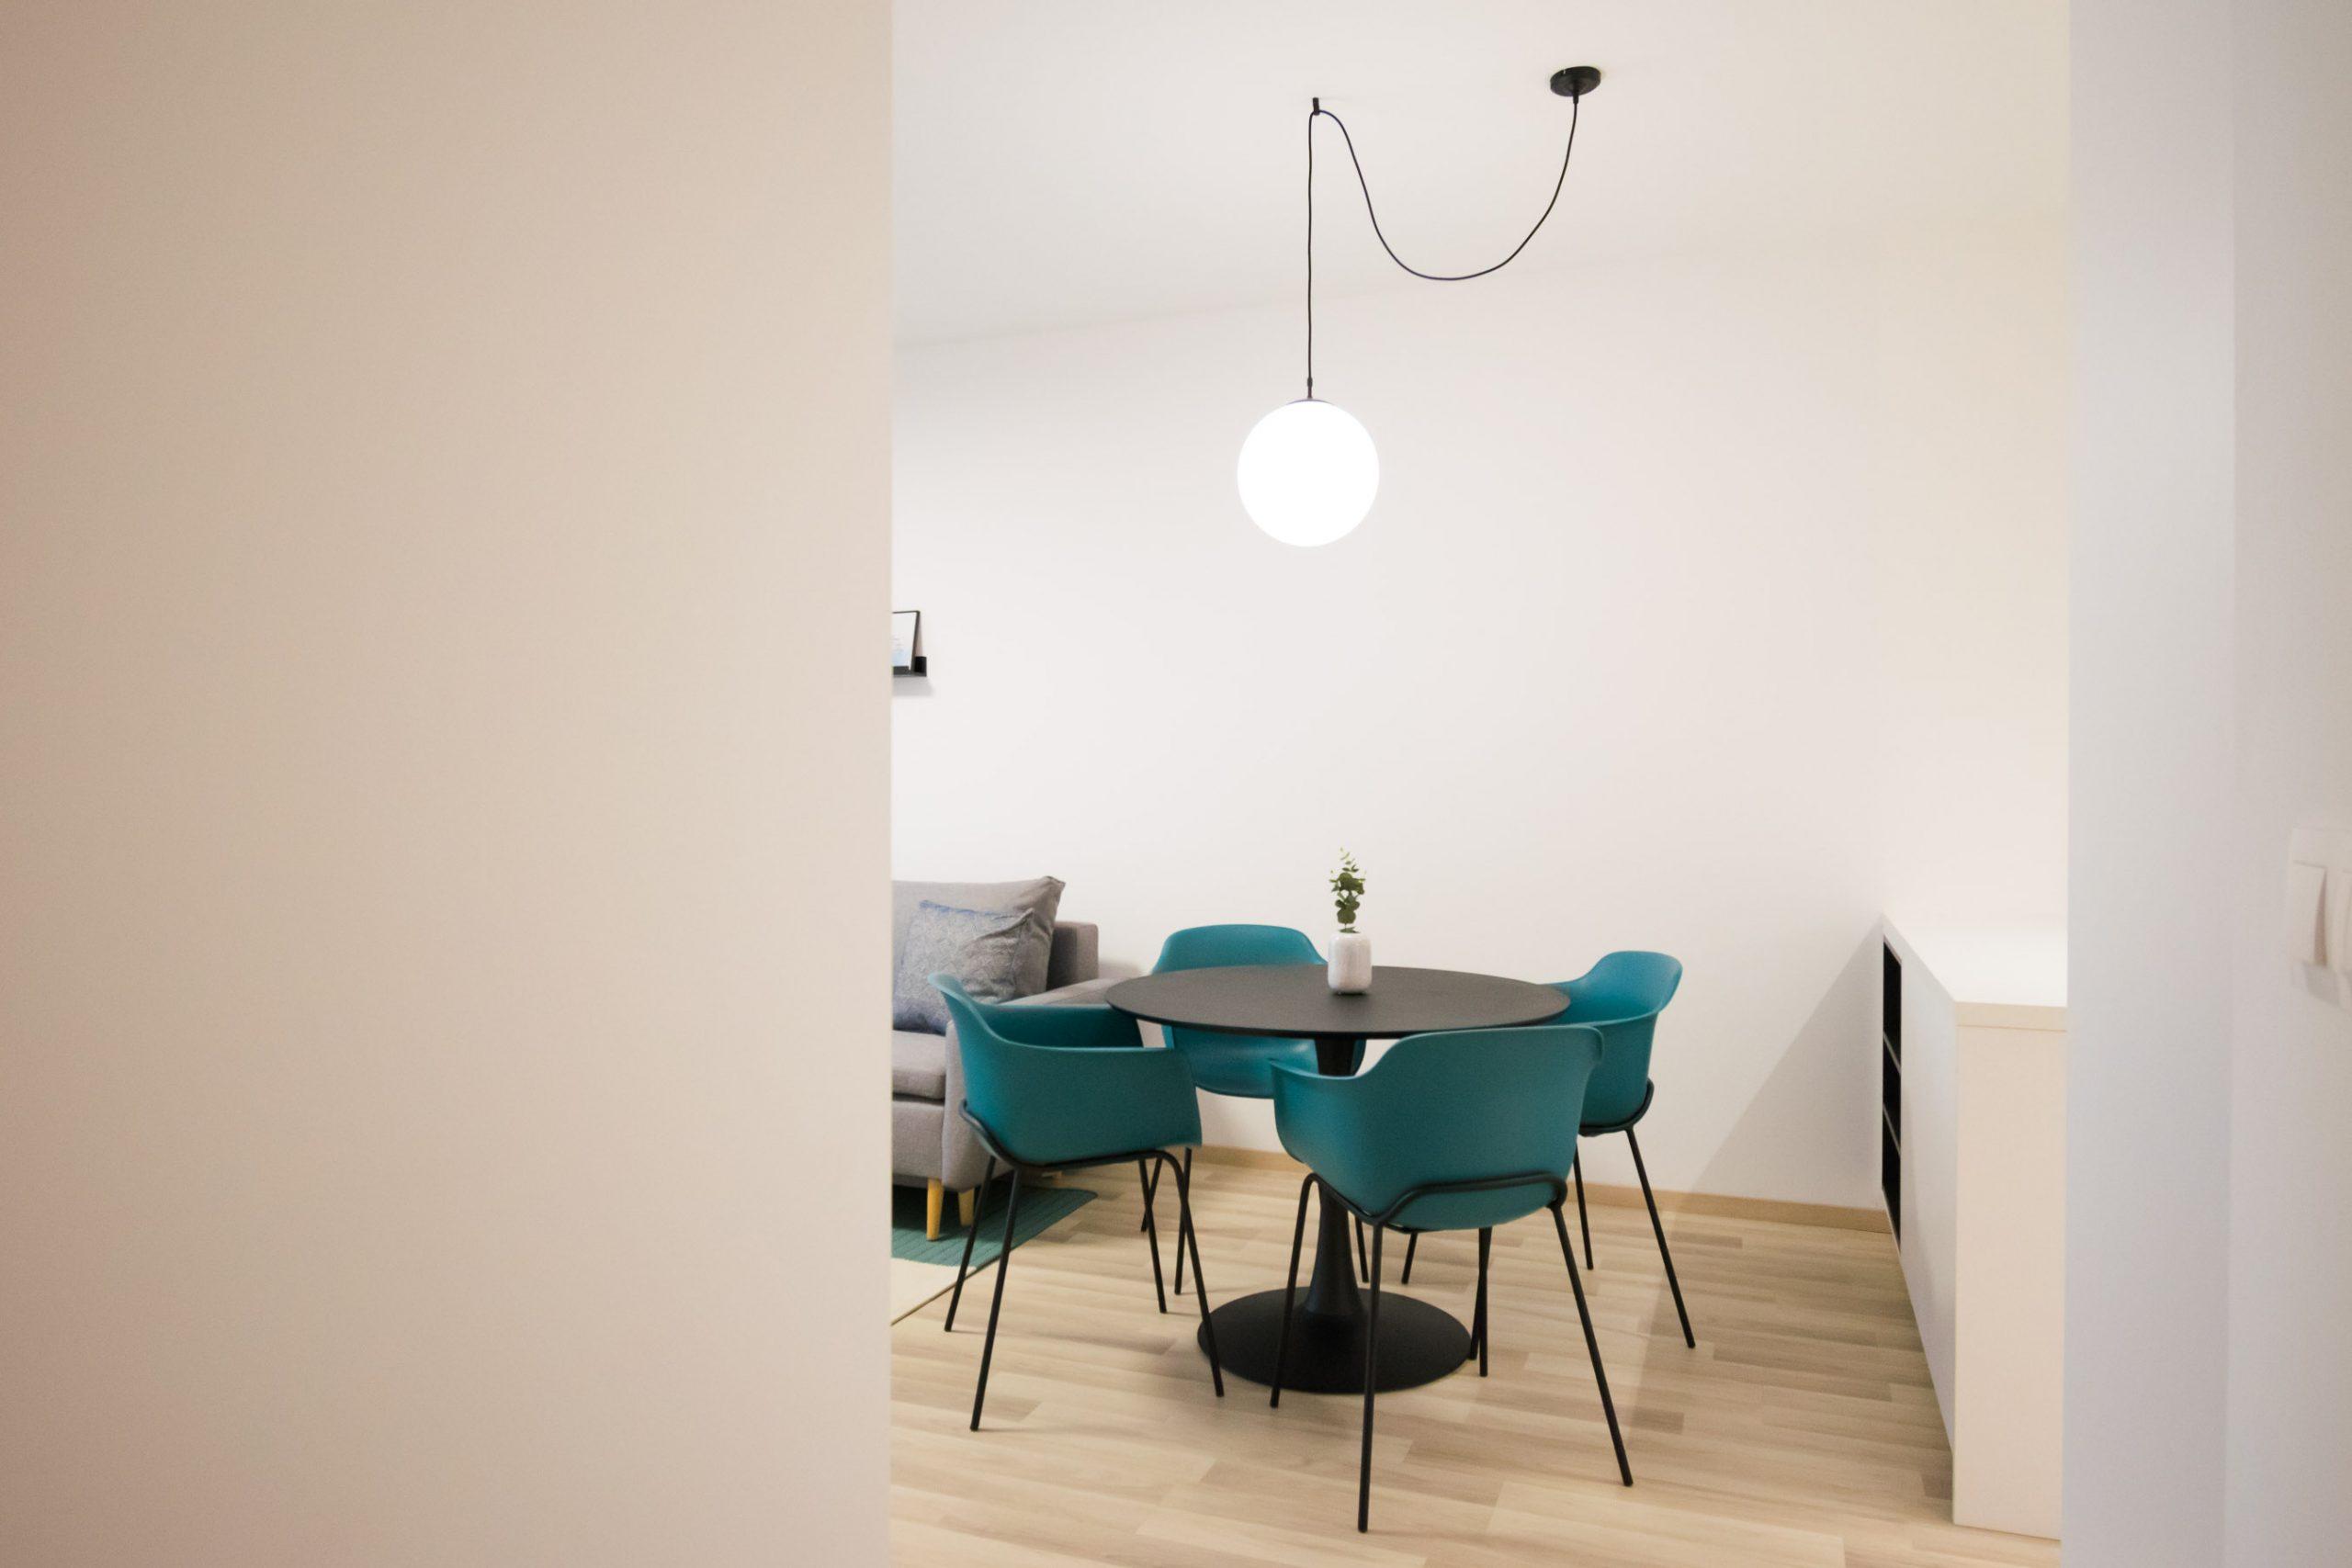 Interiér nájomného bytu, Bratislava, jedálenský stôl, VAUarchitects